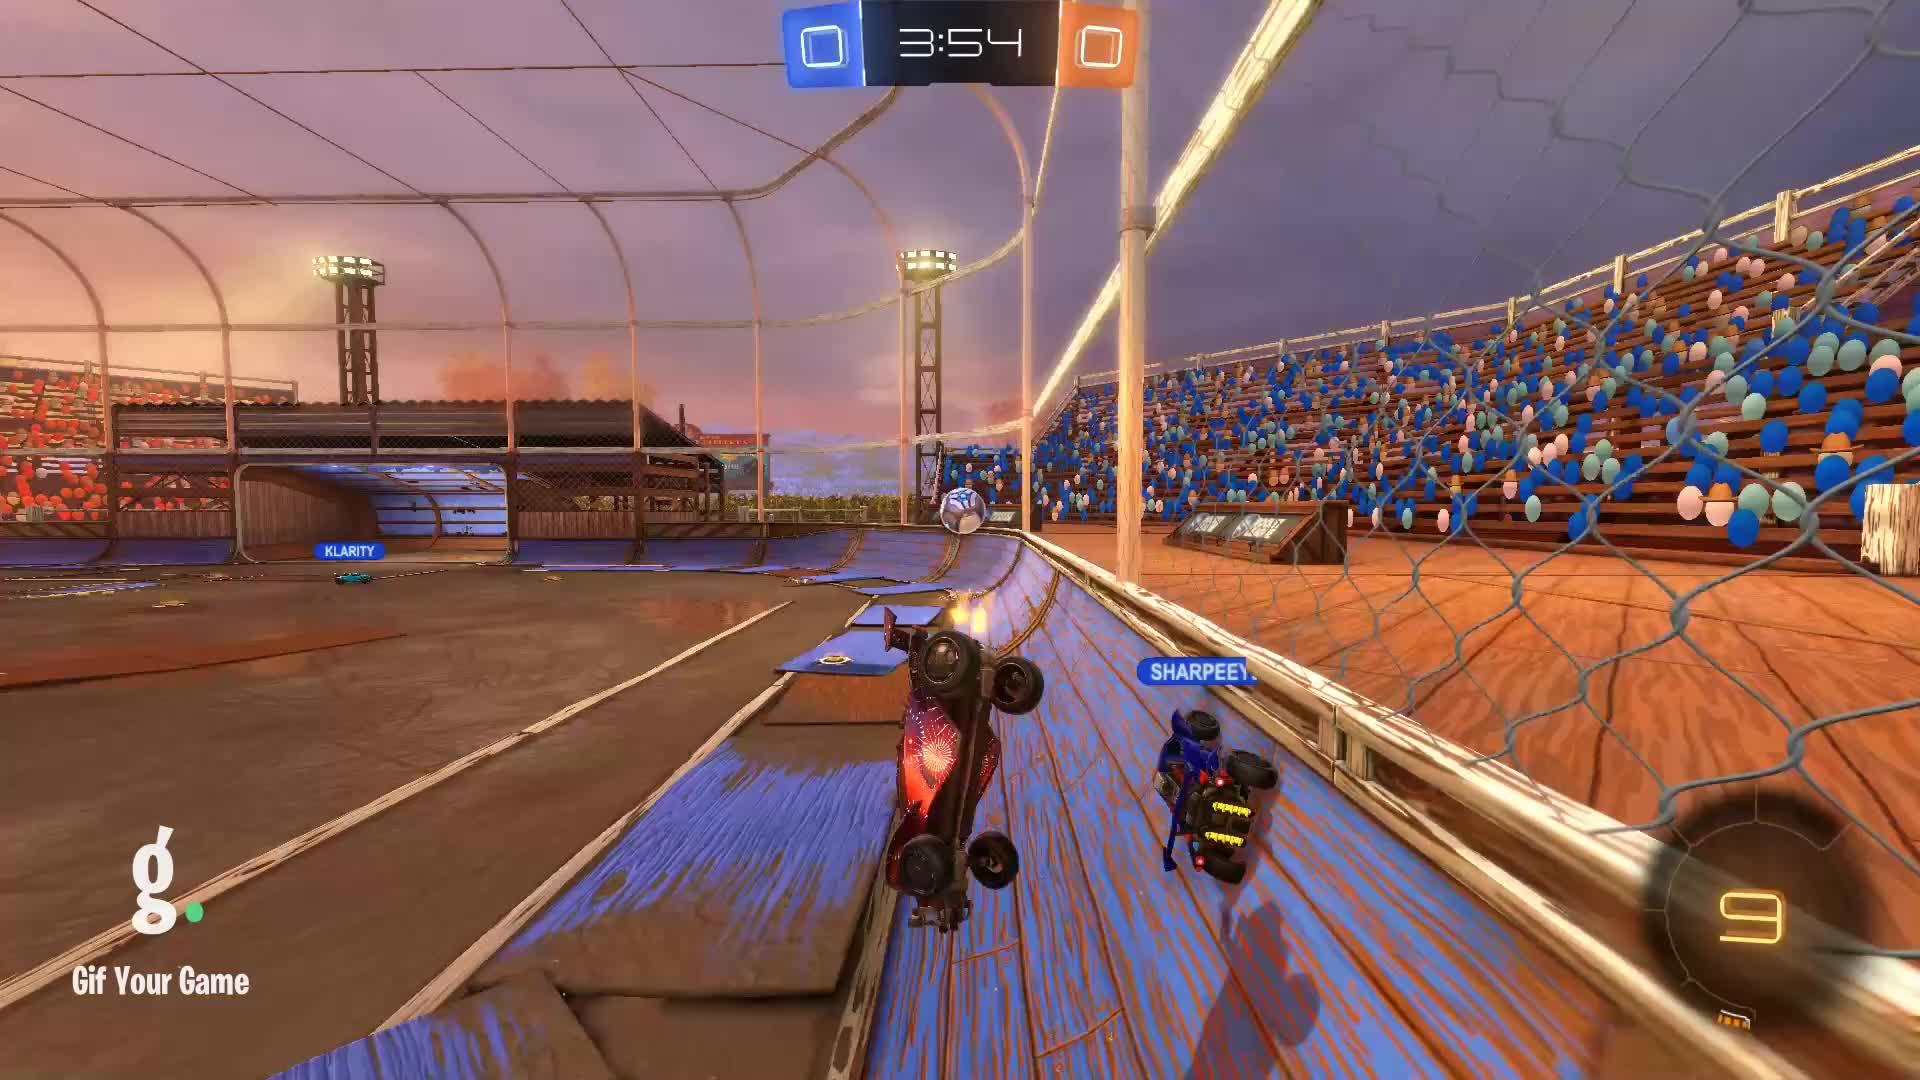 Gif Your Game, GifYourGame, Goal, Lemon, Rocket League, RocketLeague, Goal 1: Lemon GIFs